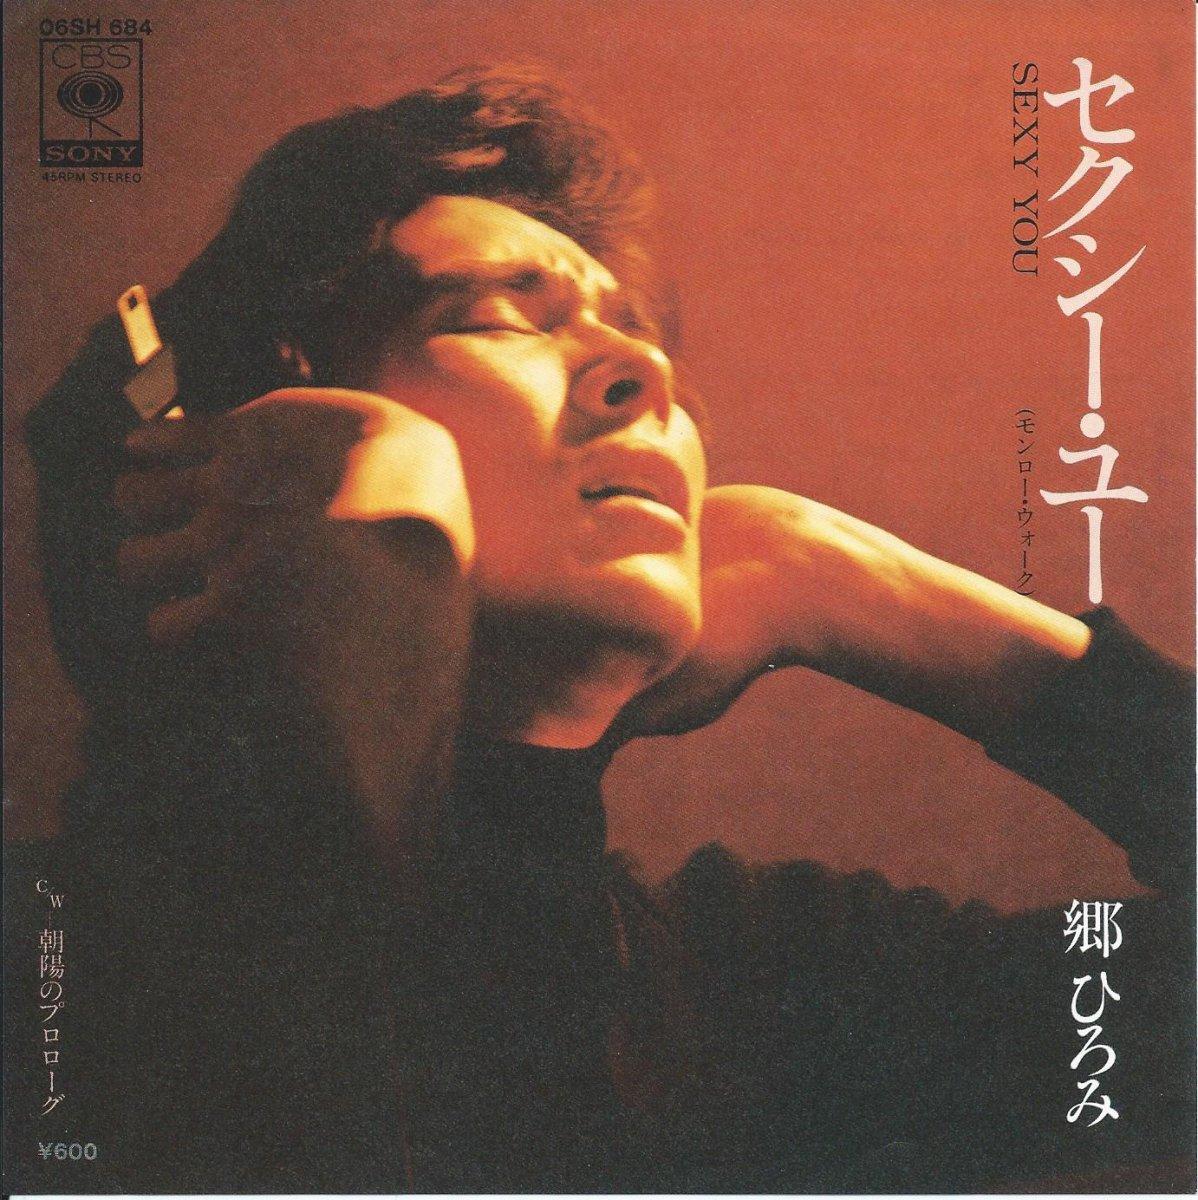 郷ひろみ HIROMI GO / セクシー・ユー (モンロー・ウォーク) SEXY YOU / 朝陽のプロローグ (7